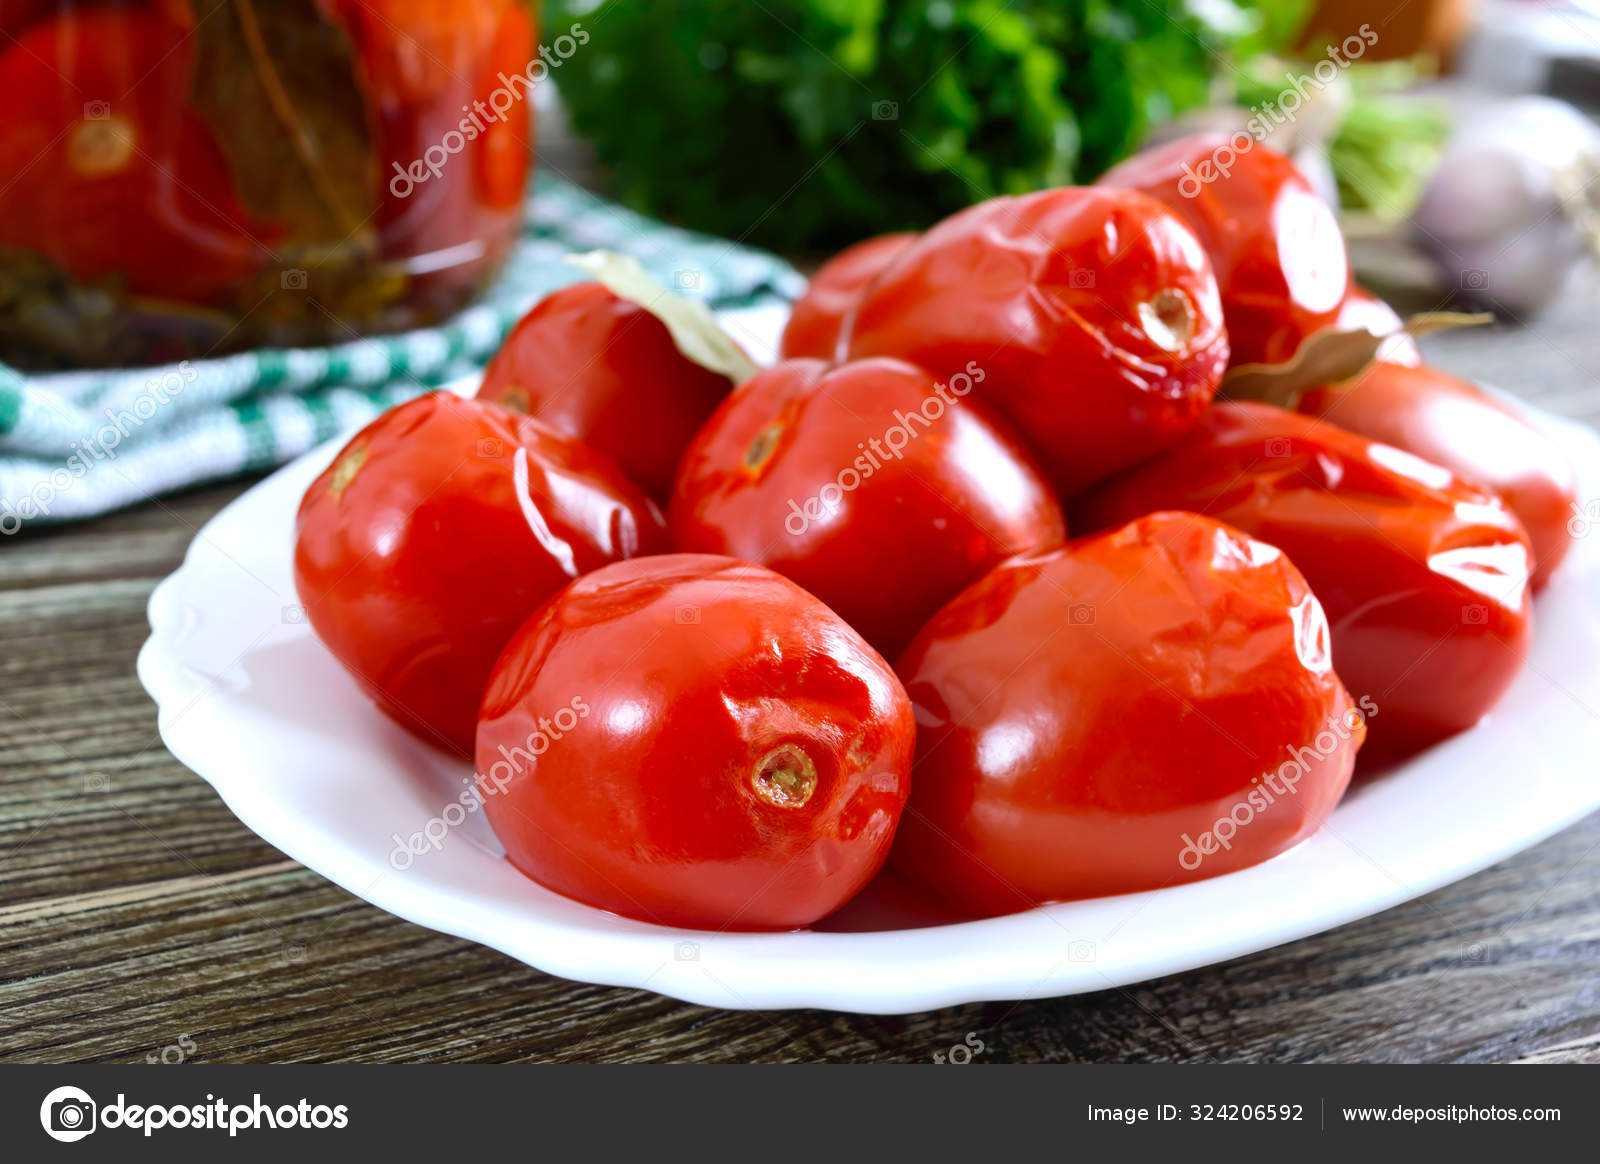 Готовим помидоры на зиму: 11 рецептов заготовок